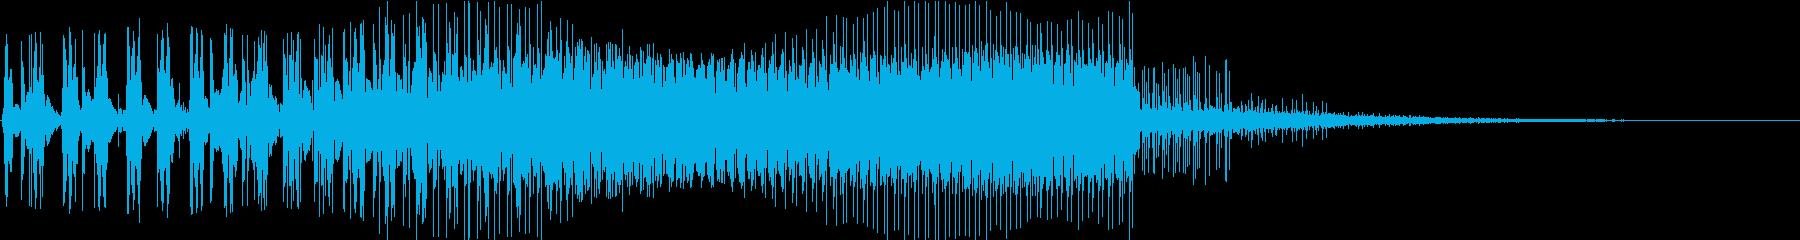 シンセエンジン音の再生済みの波形